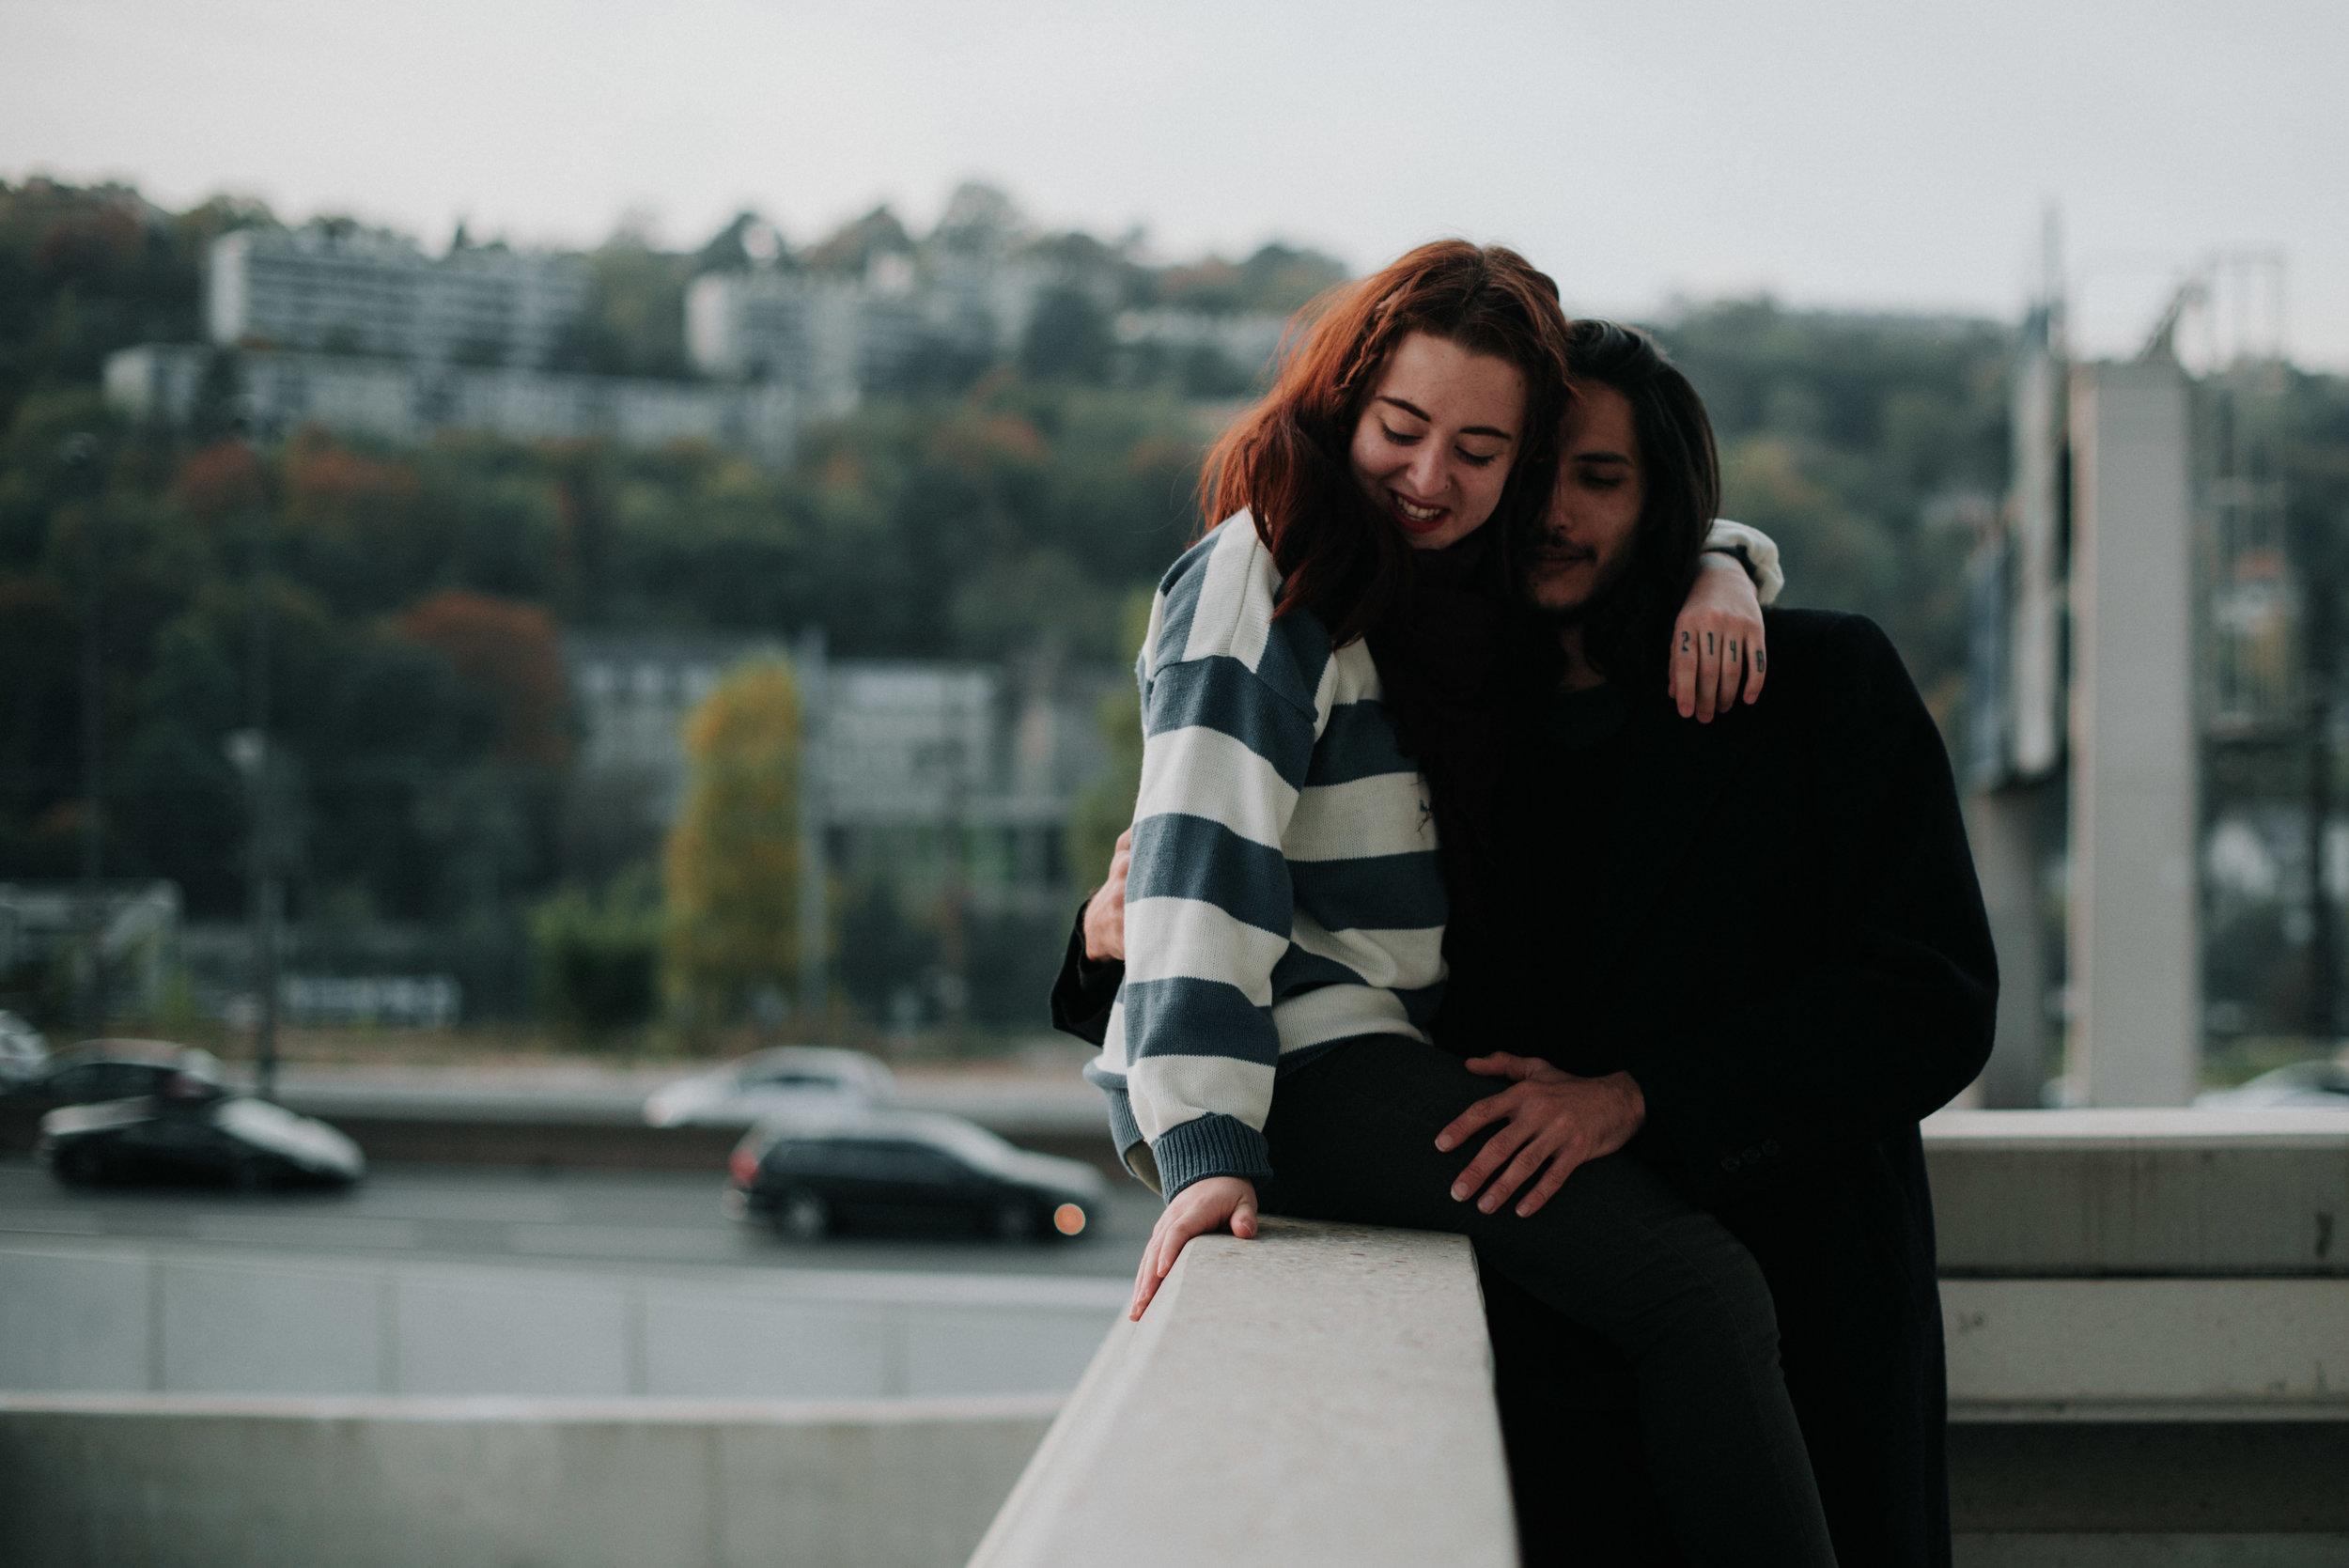 Léa-Fery-photographe-professionnel-lyon-rhone-alpes-portrait-creation-mariage-evenement-evenementiel-famille-4305.jpg